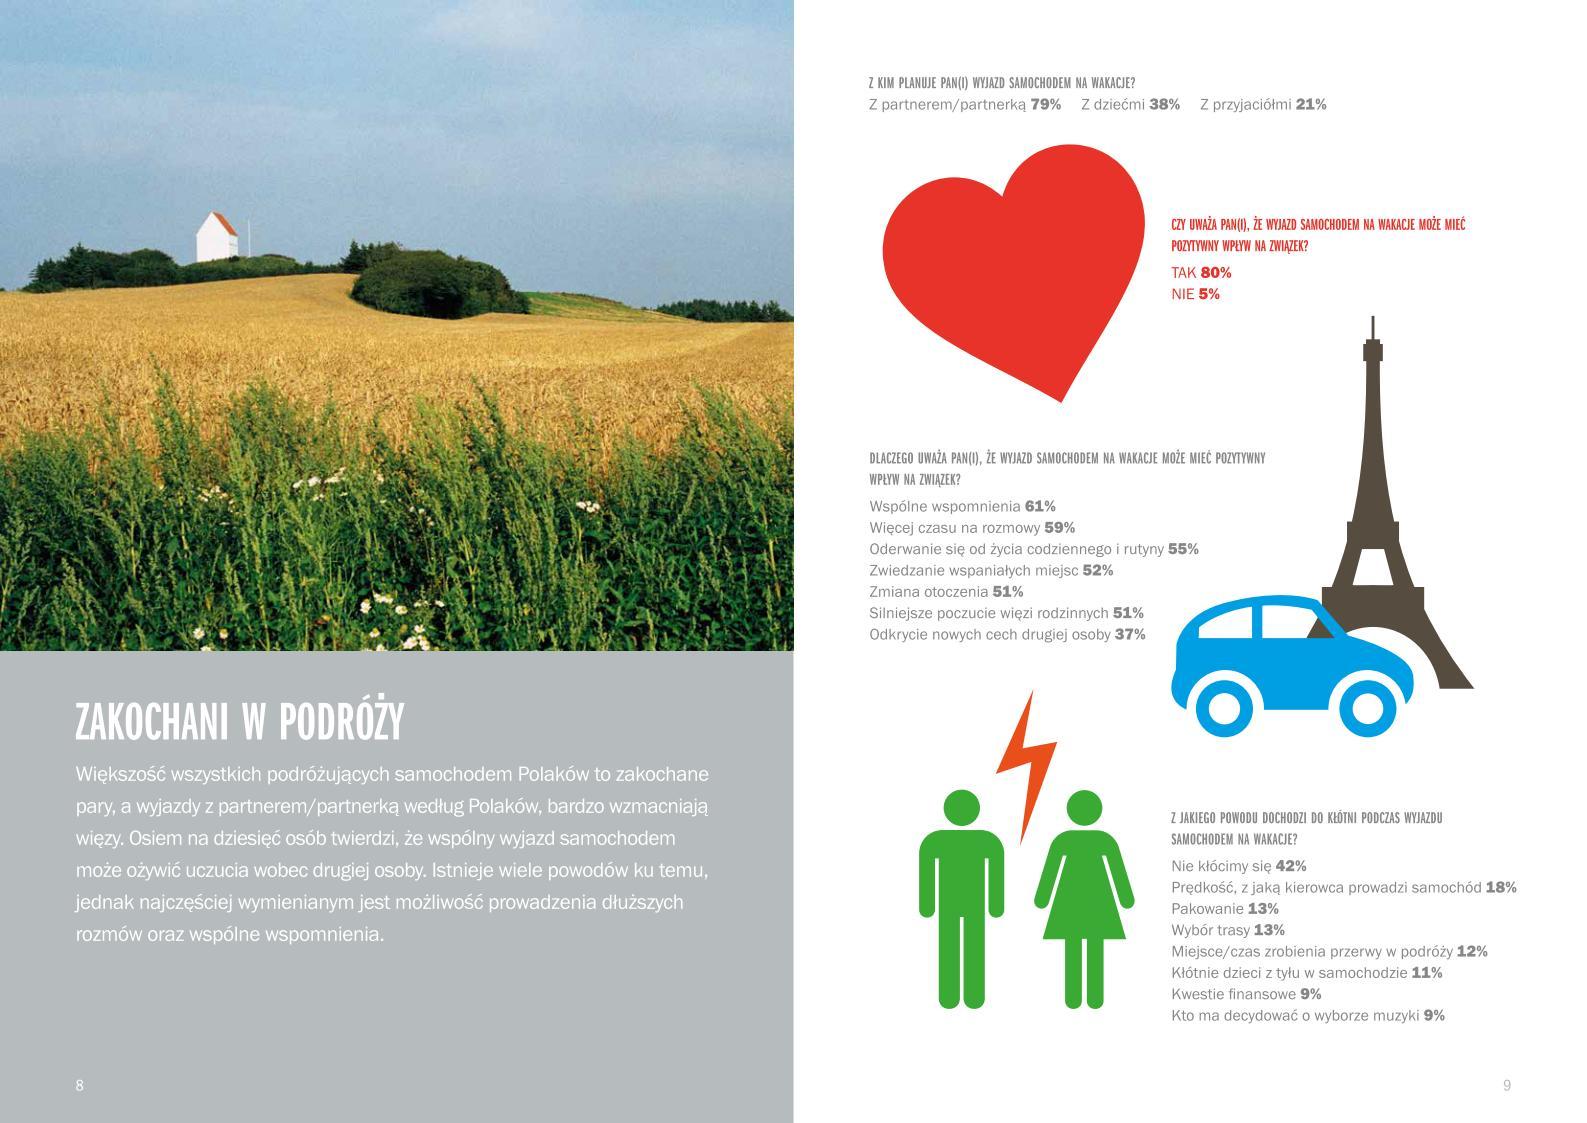 W roku 2015 sześciu na dziesięciu Polaków pojedzie na wakacje samochodem